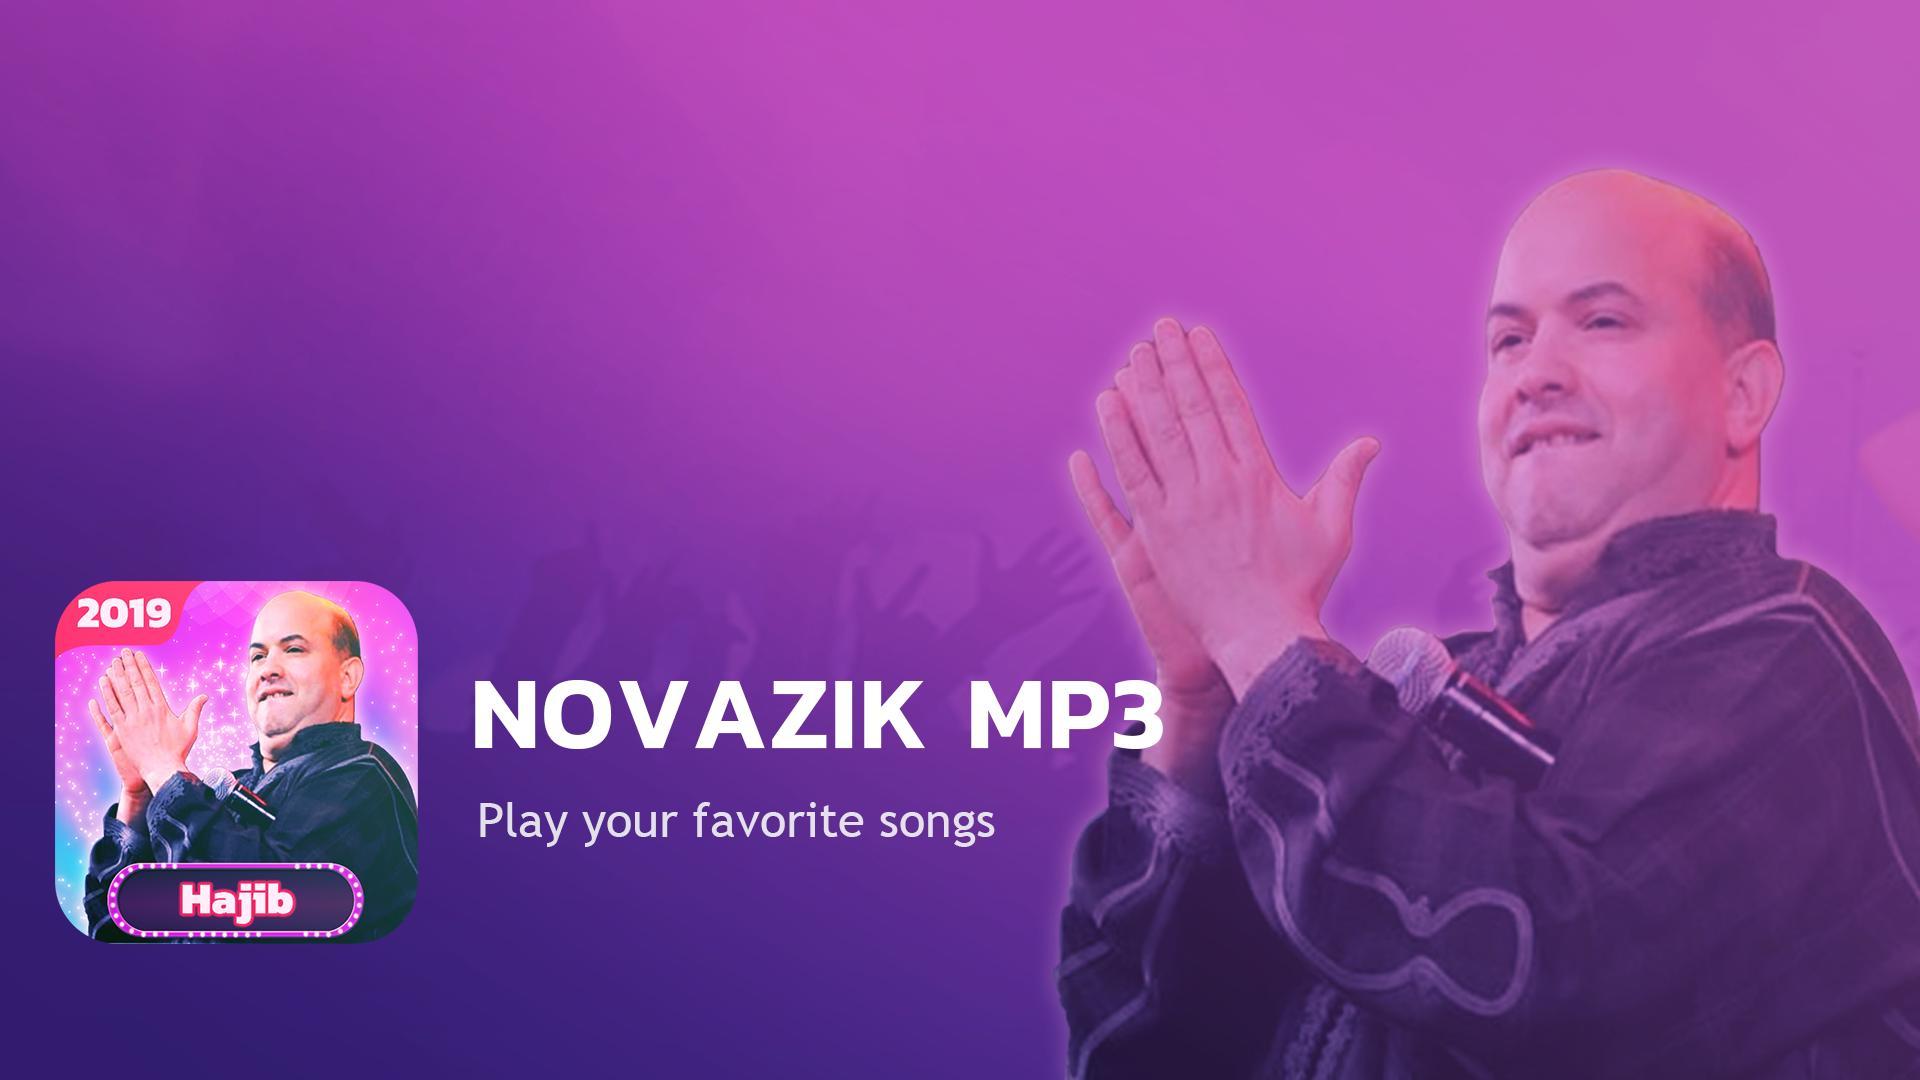 CHAABI TÉLÉCHARGER MP3 MUSIC HAJIB